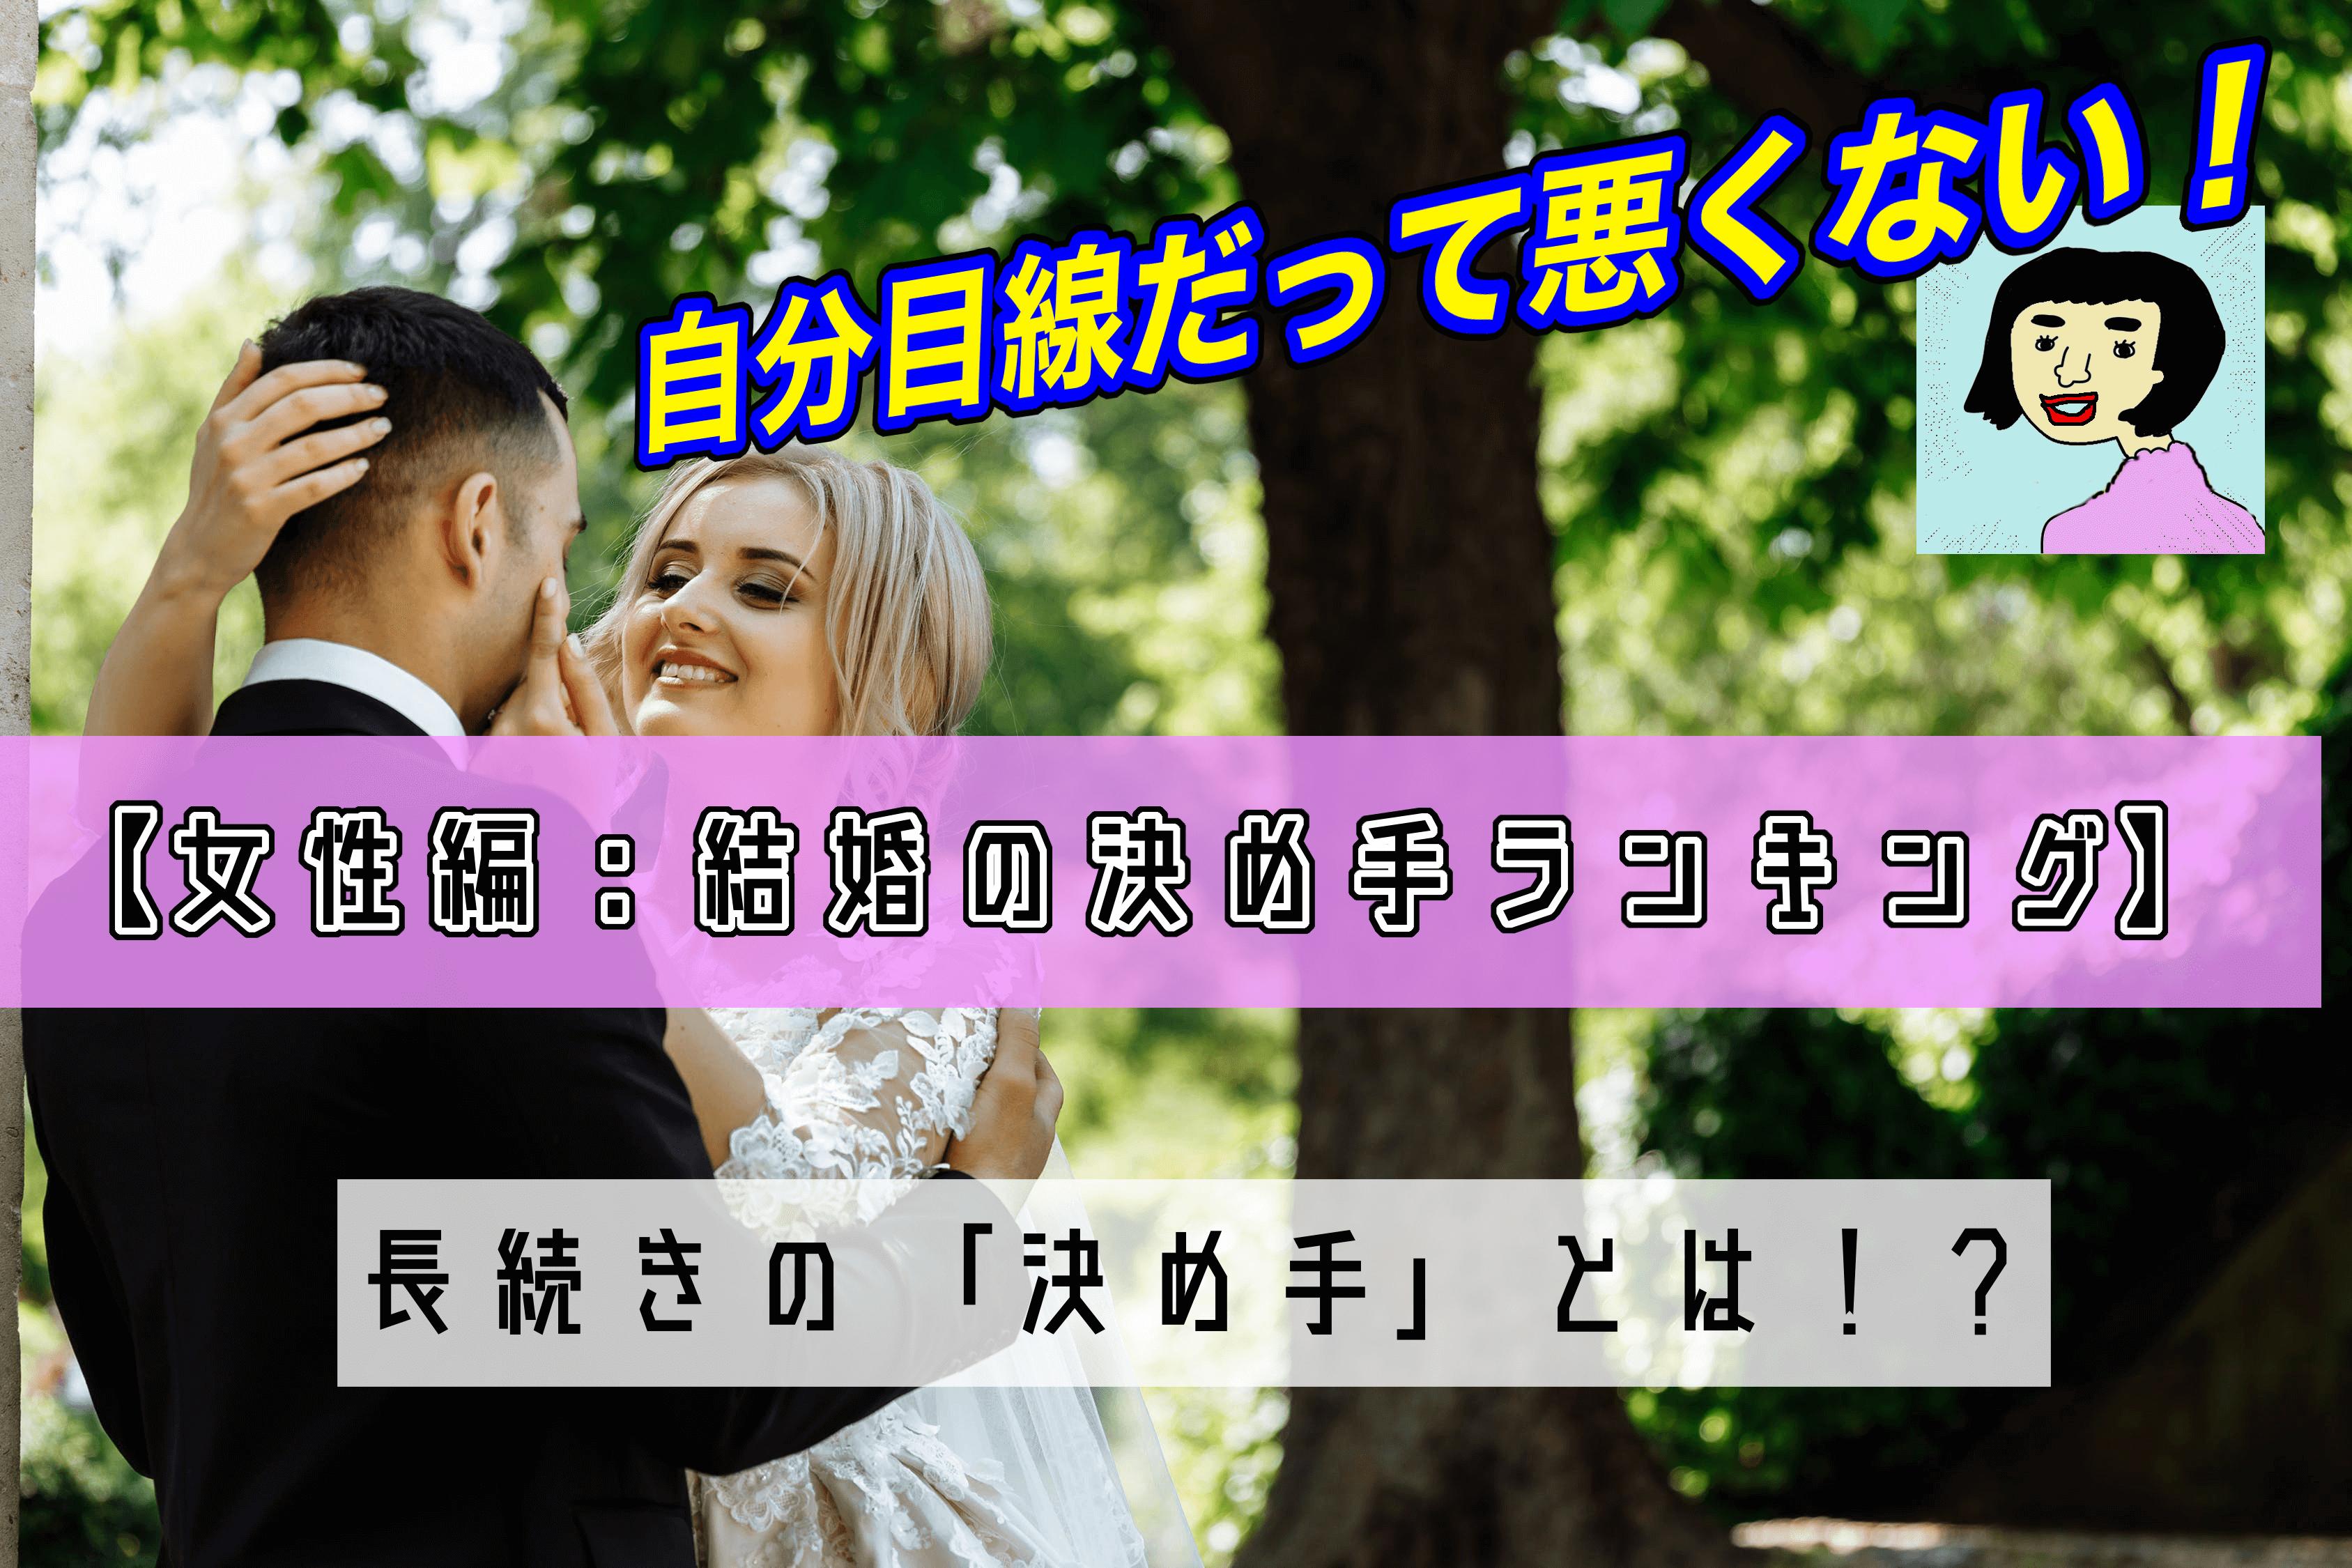 【女性編:結婚の決め手ランキング】自分目線だって悪くない!男性も注目して欲しい長続きの「決め手」とは